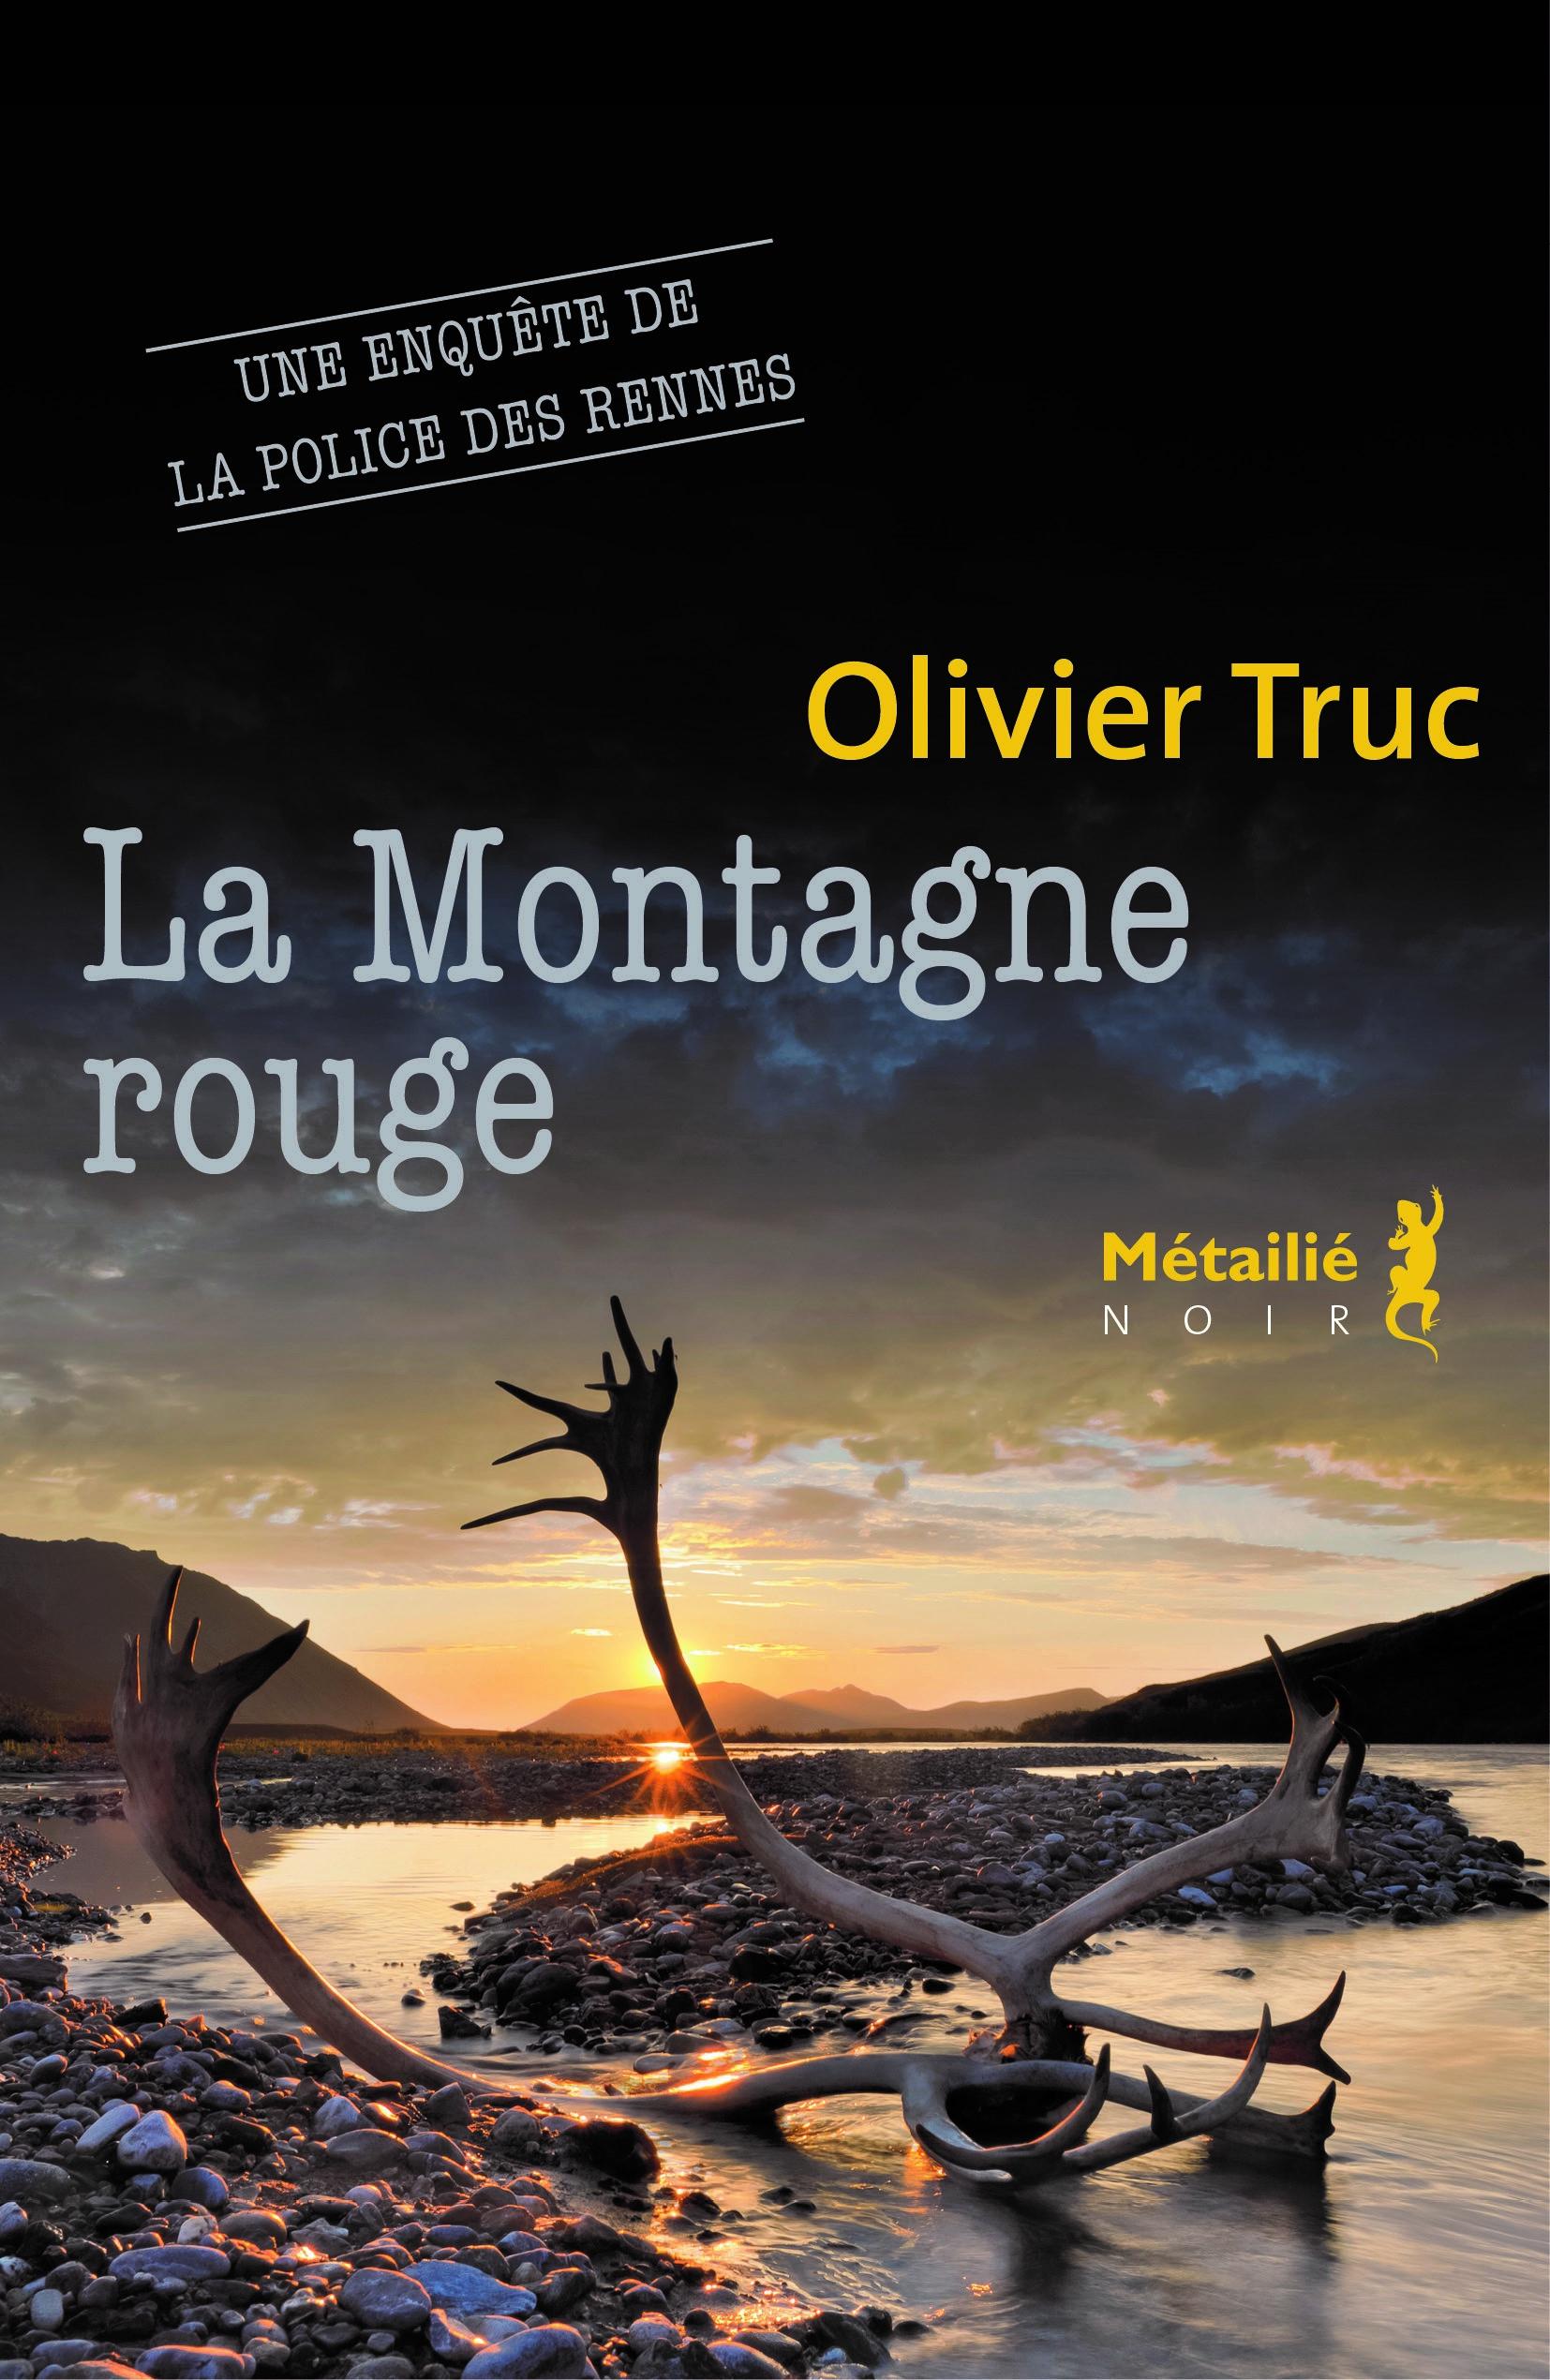 roman,aventures,laponie,la montagne rouge,olivier truc,métaillé,polar,police des rennes